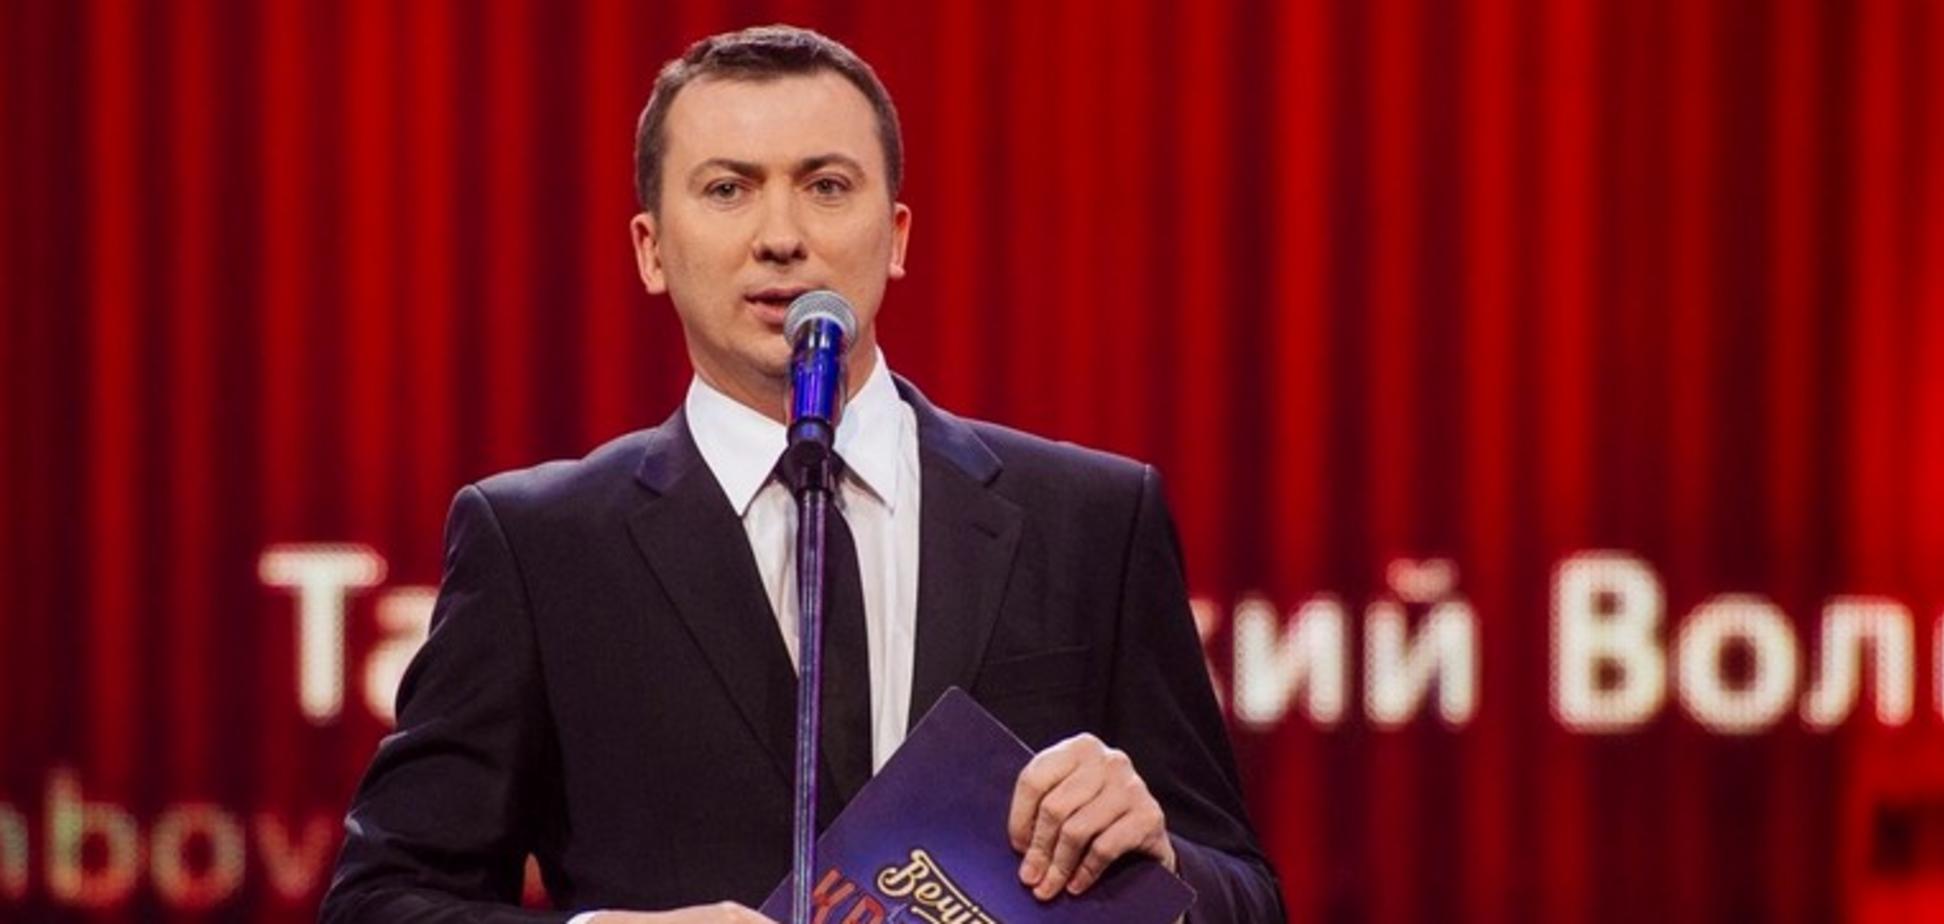 ''Чего про Зеленского не шутим?'' Звезда ''Квартала 95'' разозлил сеть дерзким номером